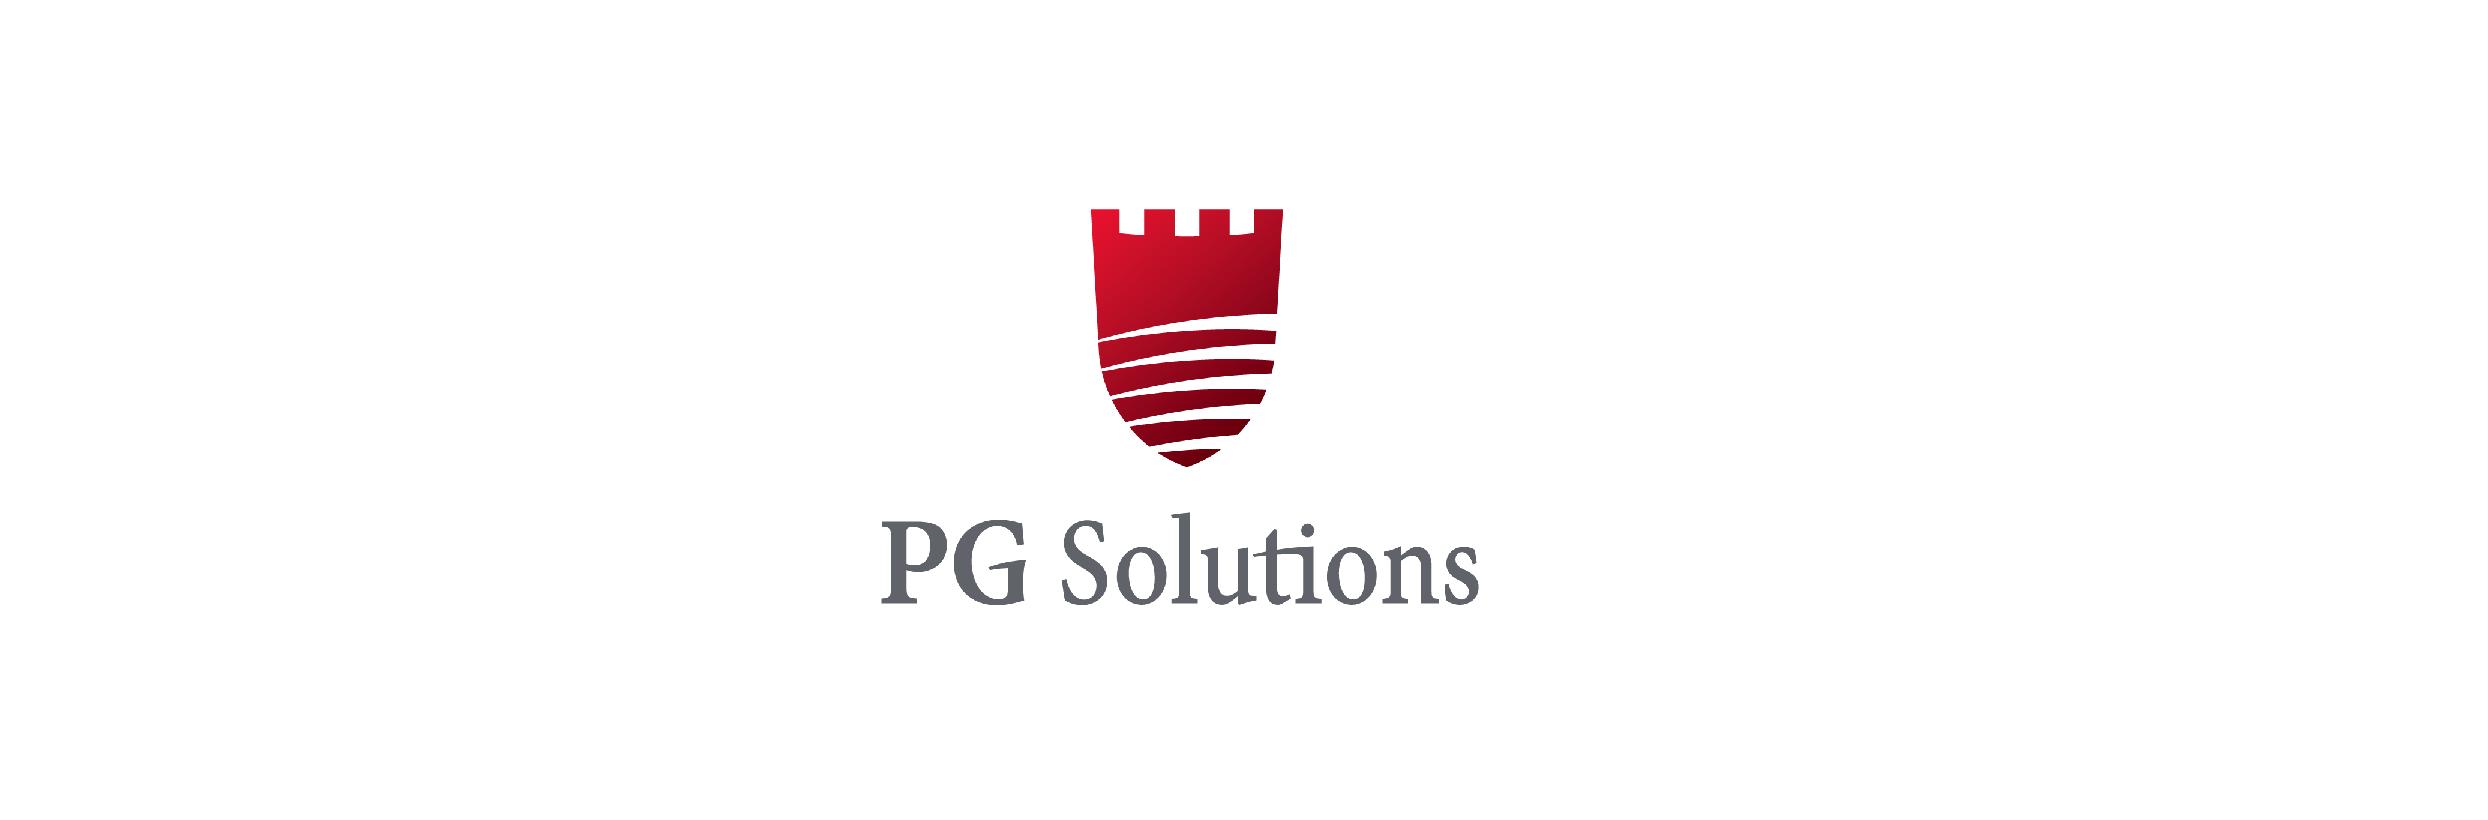 PG Solutions logo